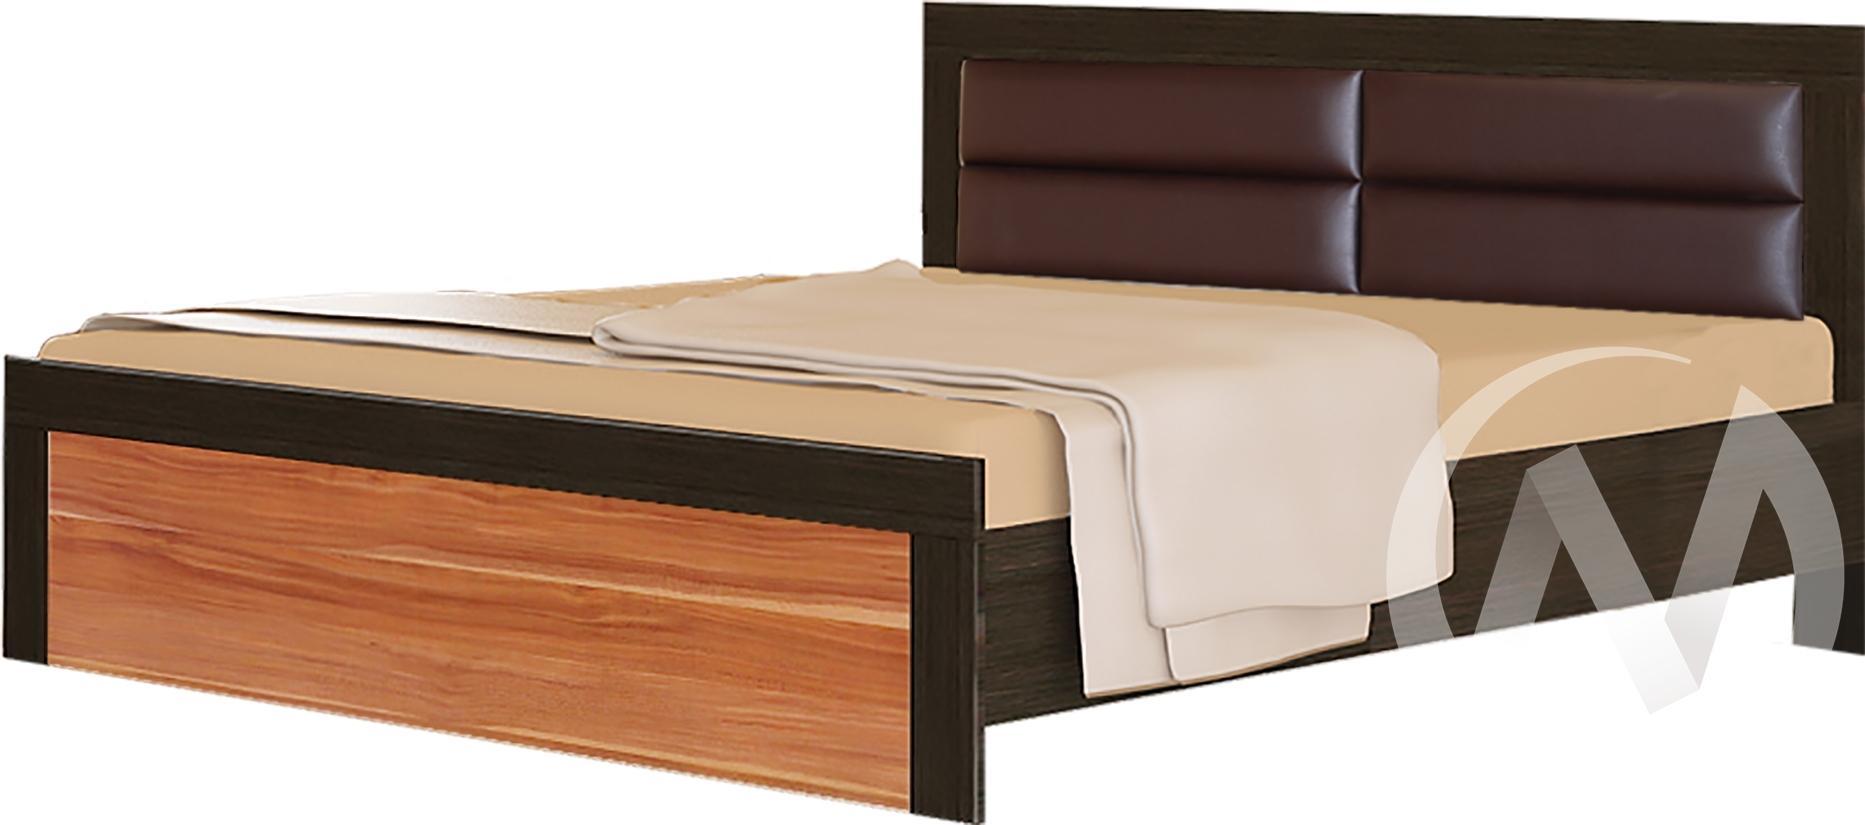 Токио Кровать № 2 1,4 (венге-слива валлис)